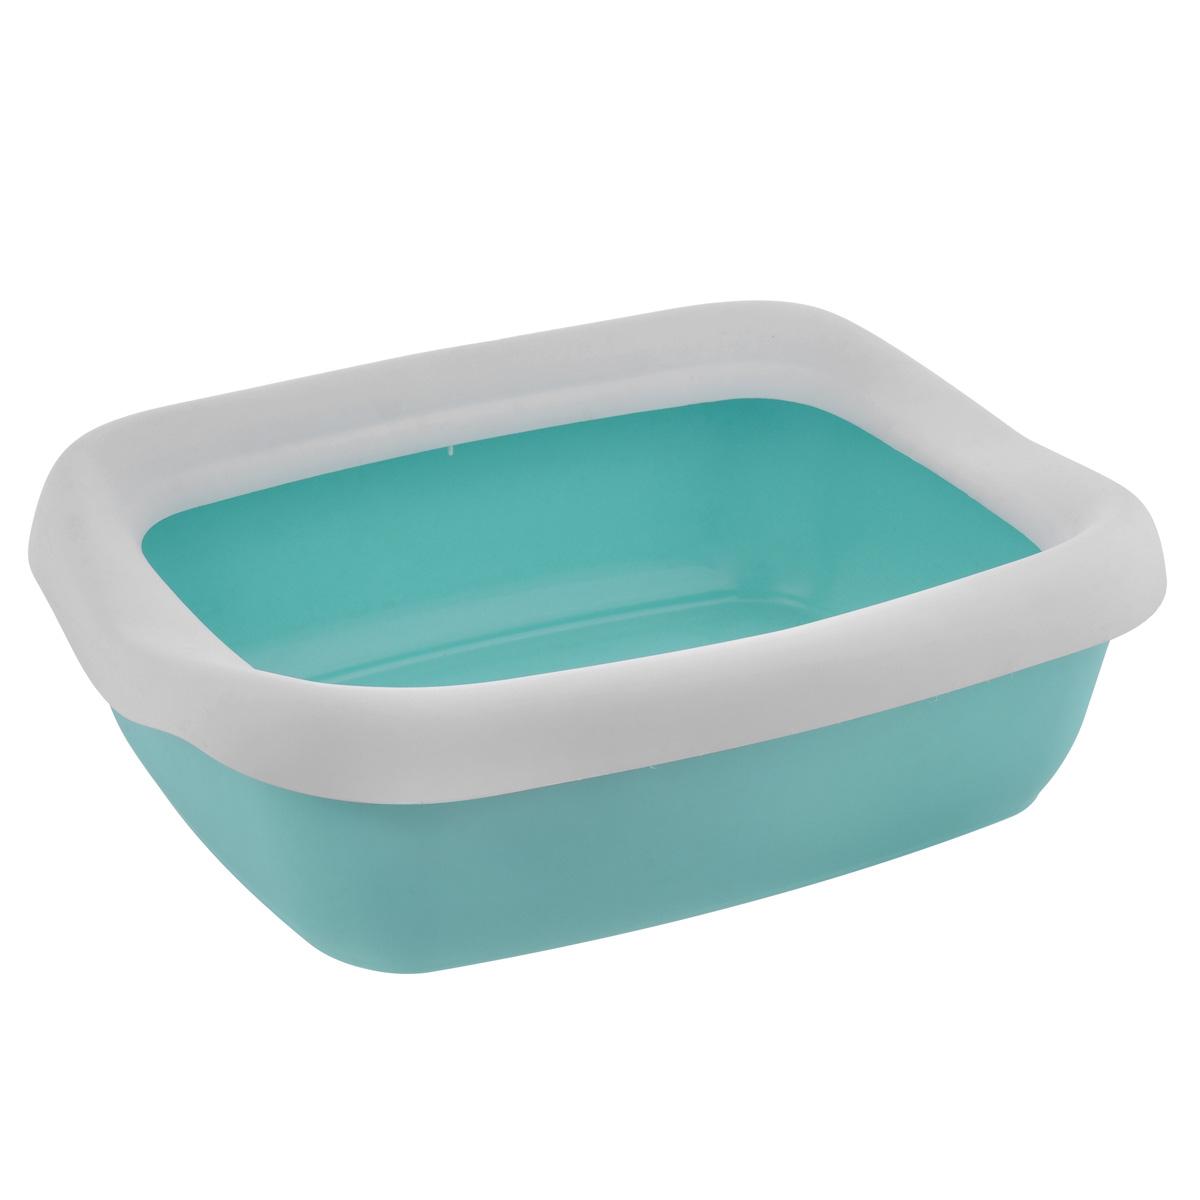 Туалет для кошек MPS Beta Maxi, с бортом, цвет: бирюзовый, белый, 49 см х 39 см х 13 см0120710Туалет для кошек MPS Beta Maxi изготовлен из качественного прочного пластика. Высокий борт, прикрепленный по периметру лотка, удобно защелкивается и предотвращает разбрасывание наполнителя. Это самый простой в употреблении предмет обихода для кошек и котов.